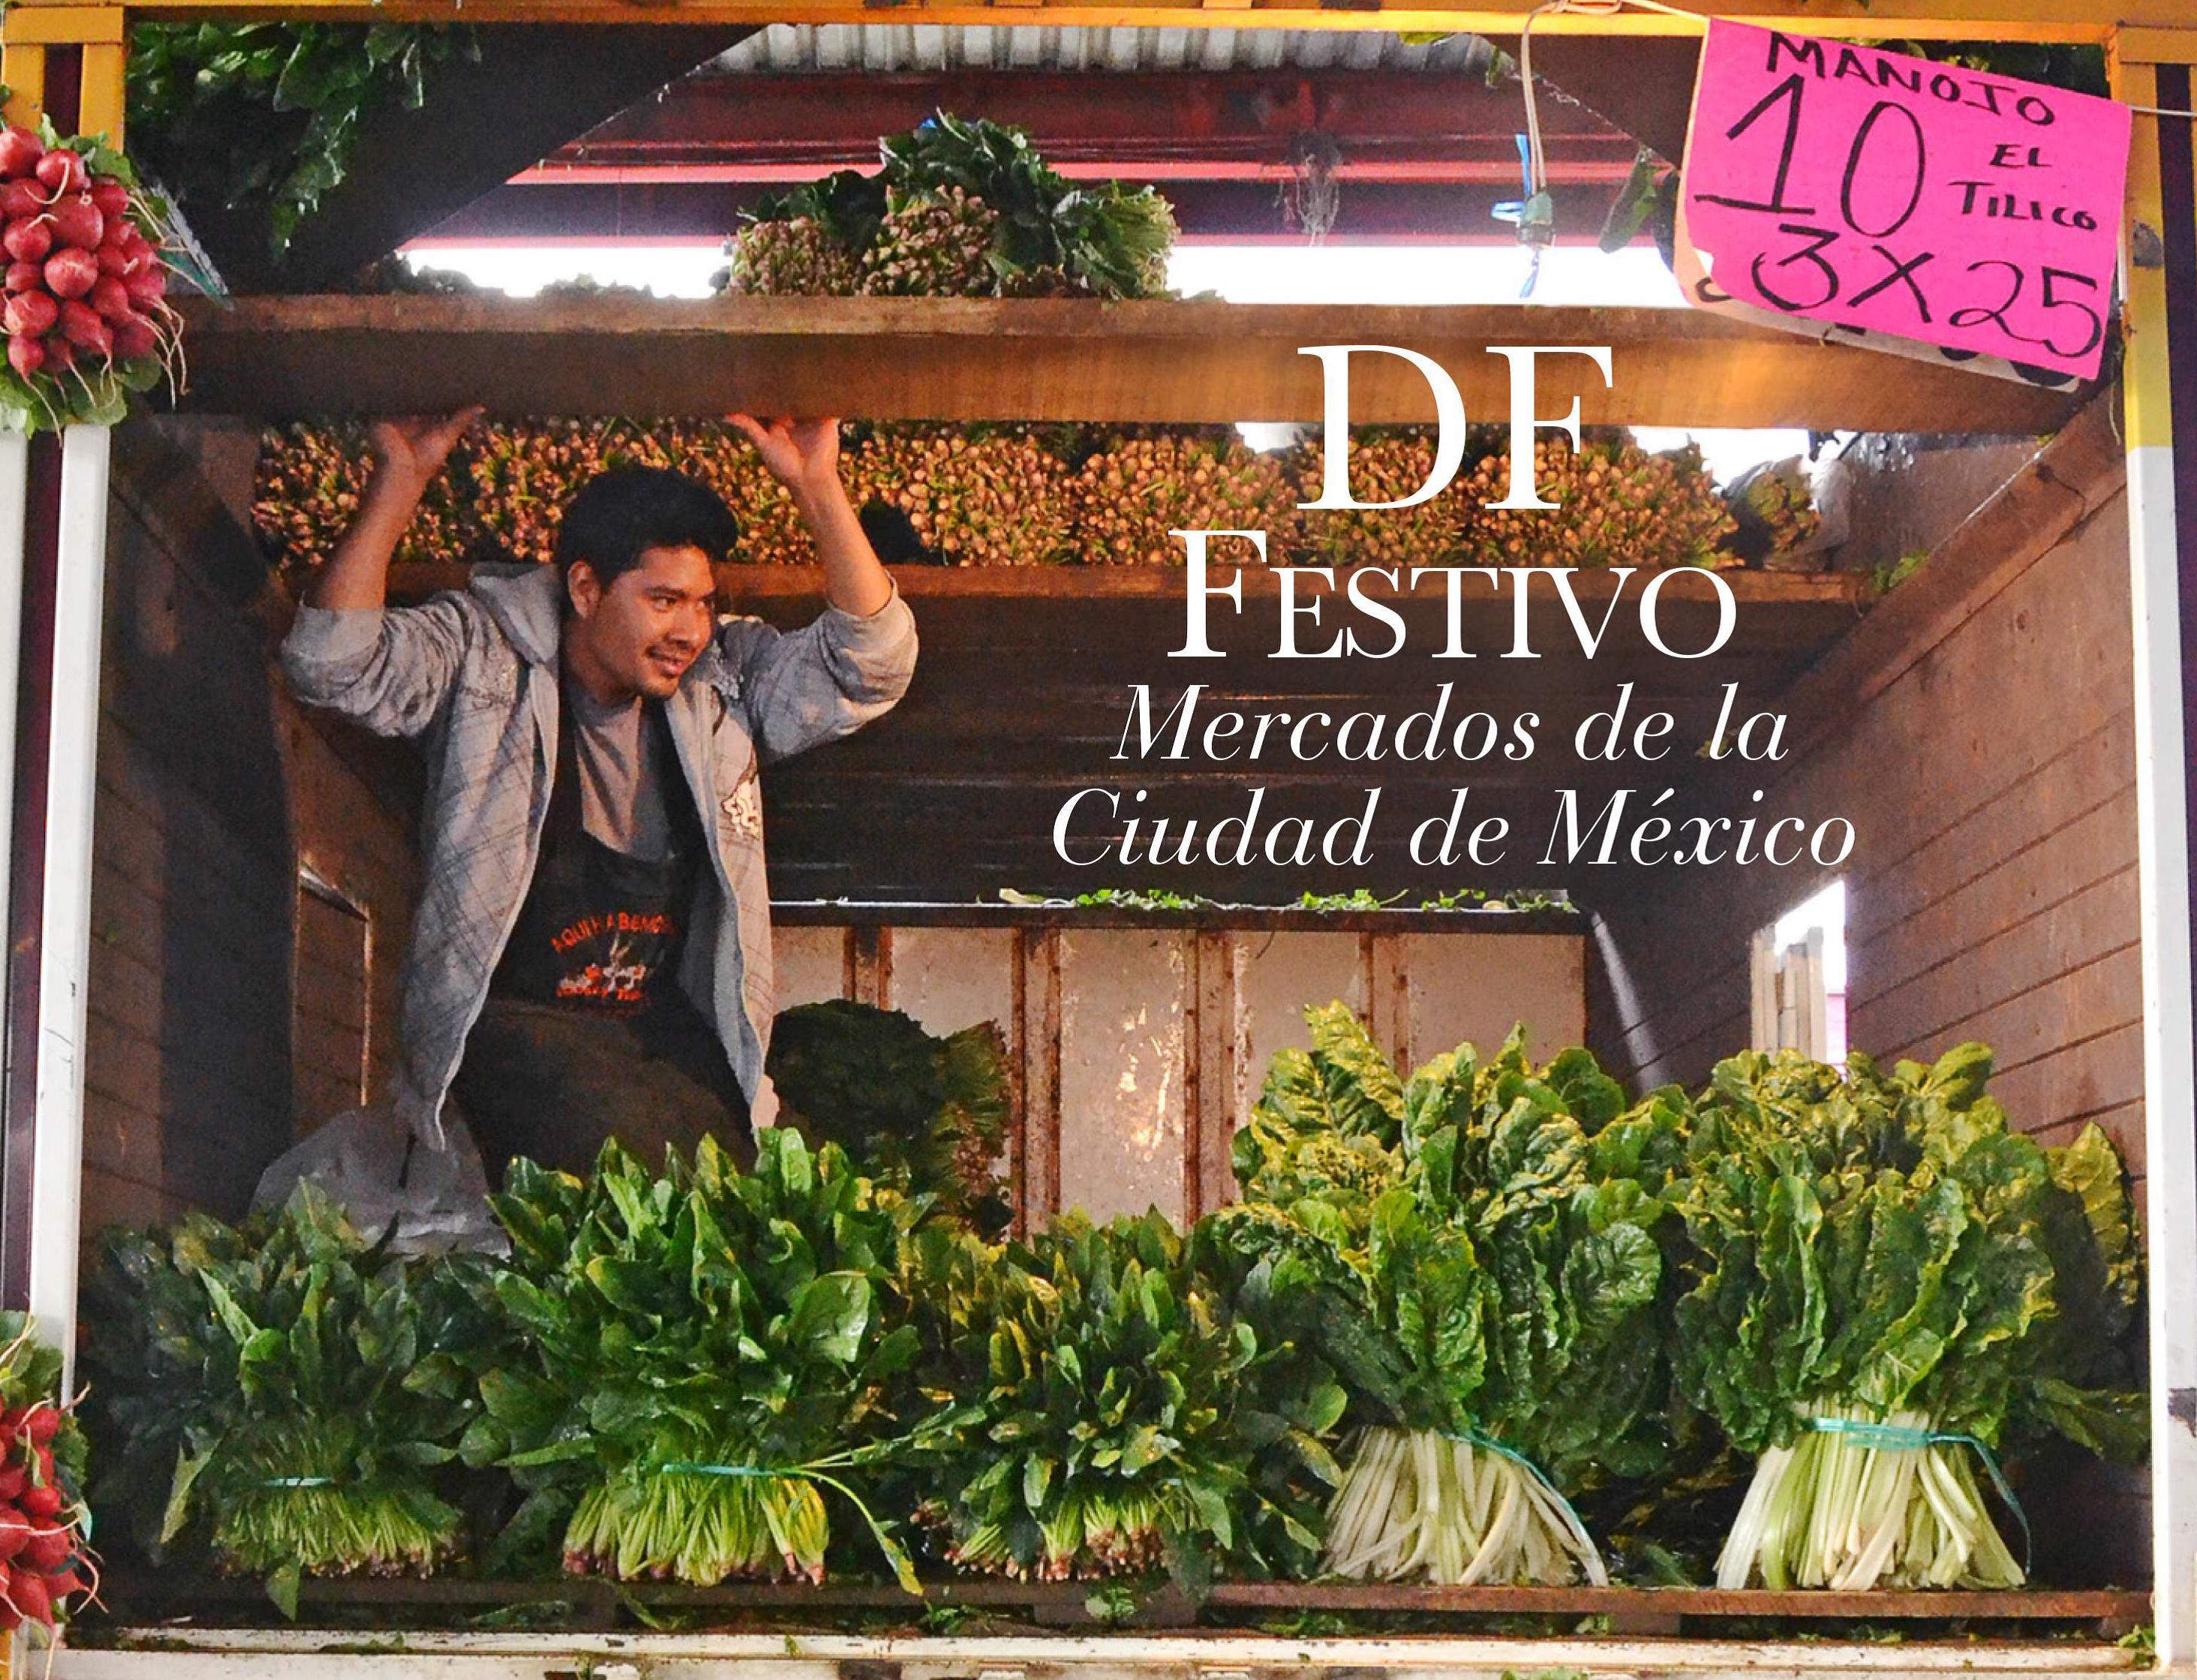 Mercados de la Ciudad de México